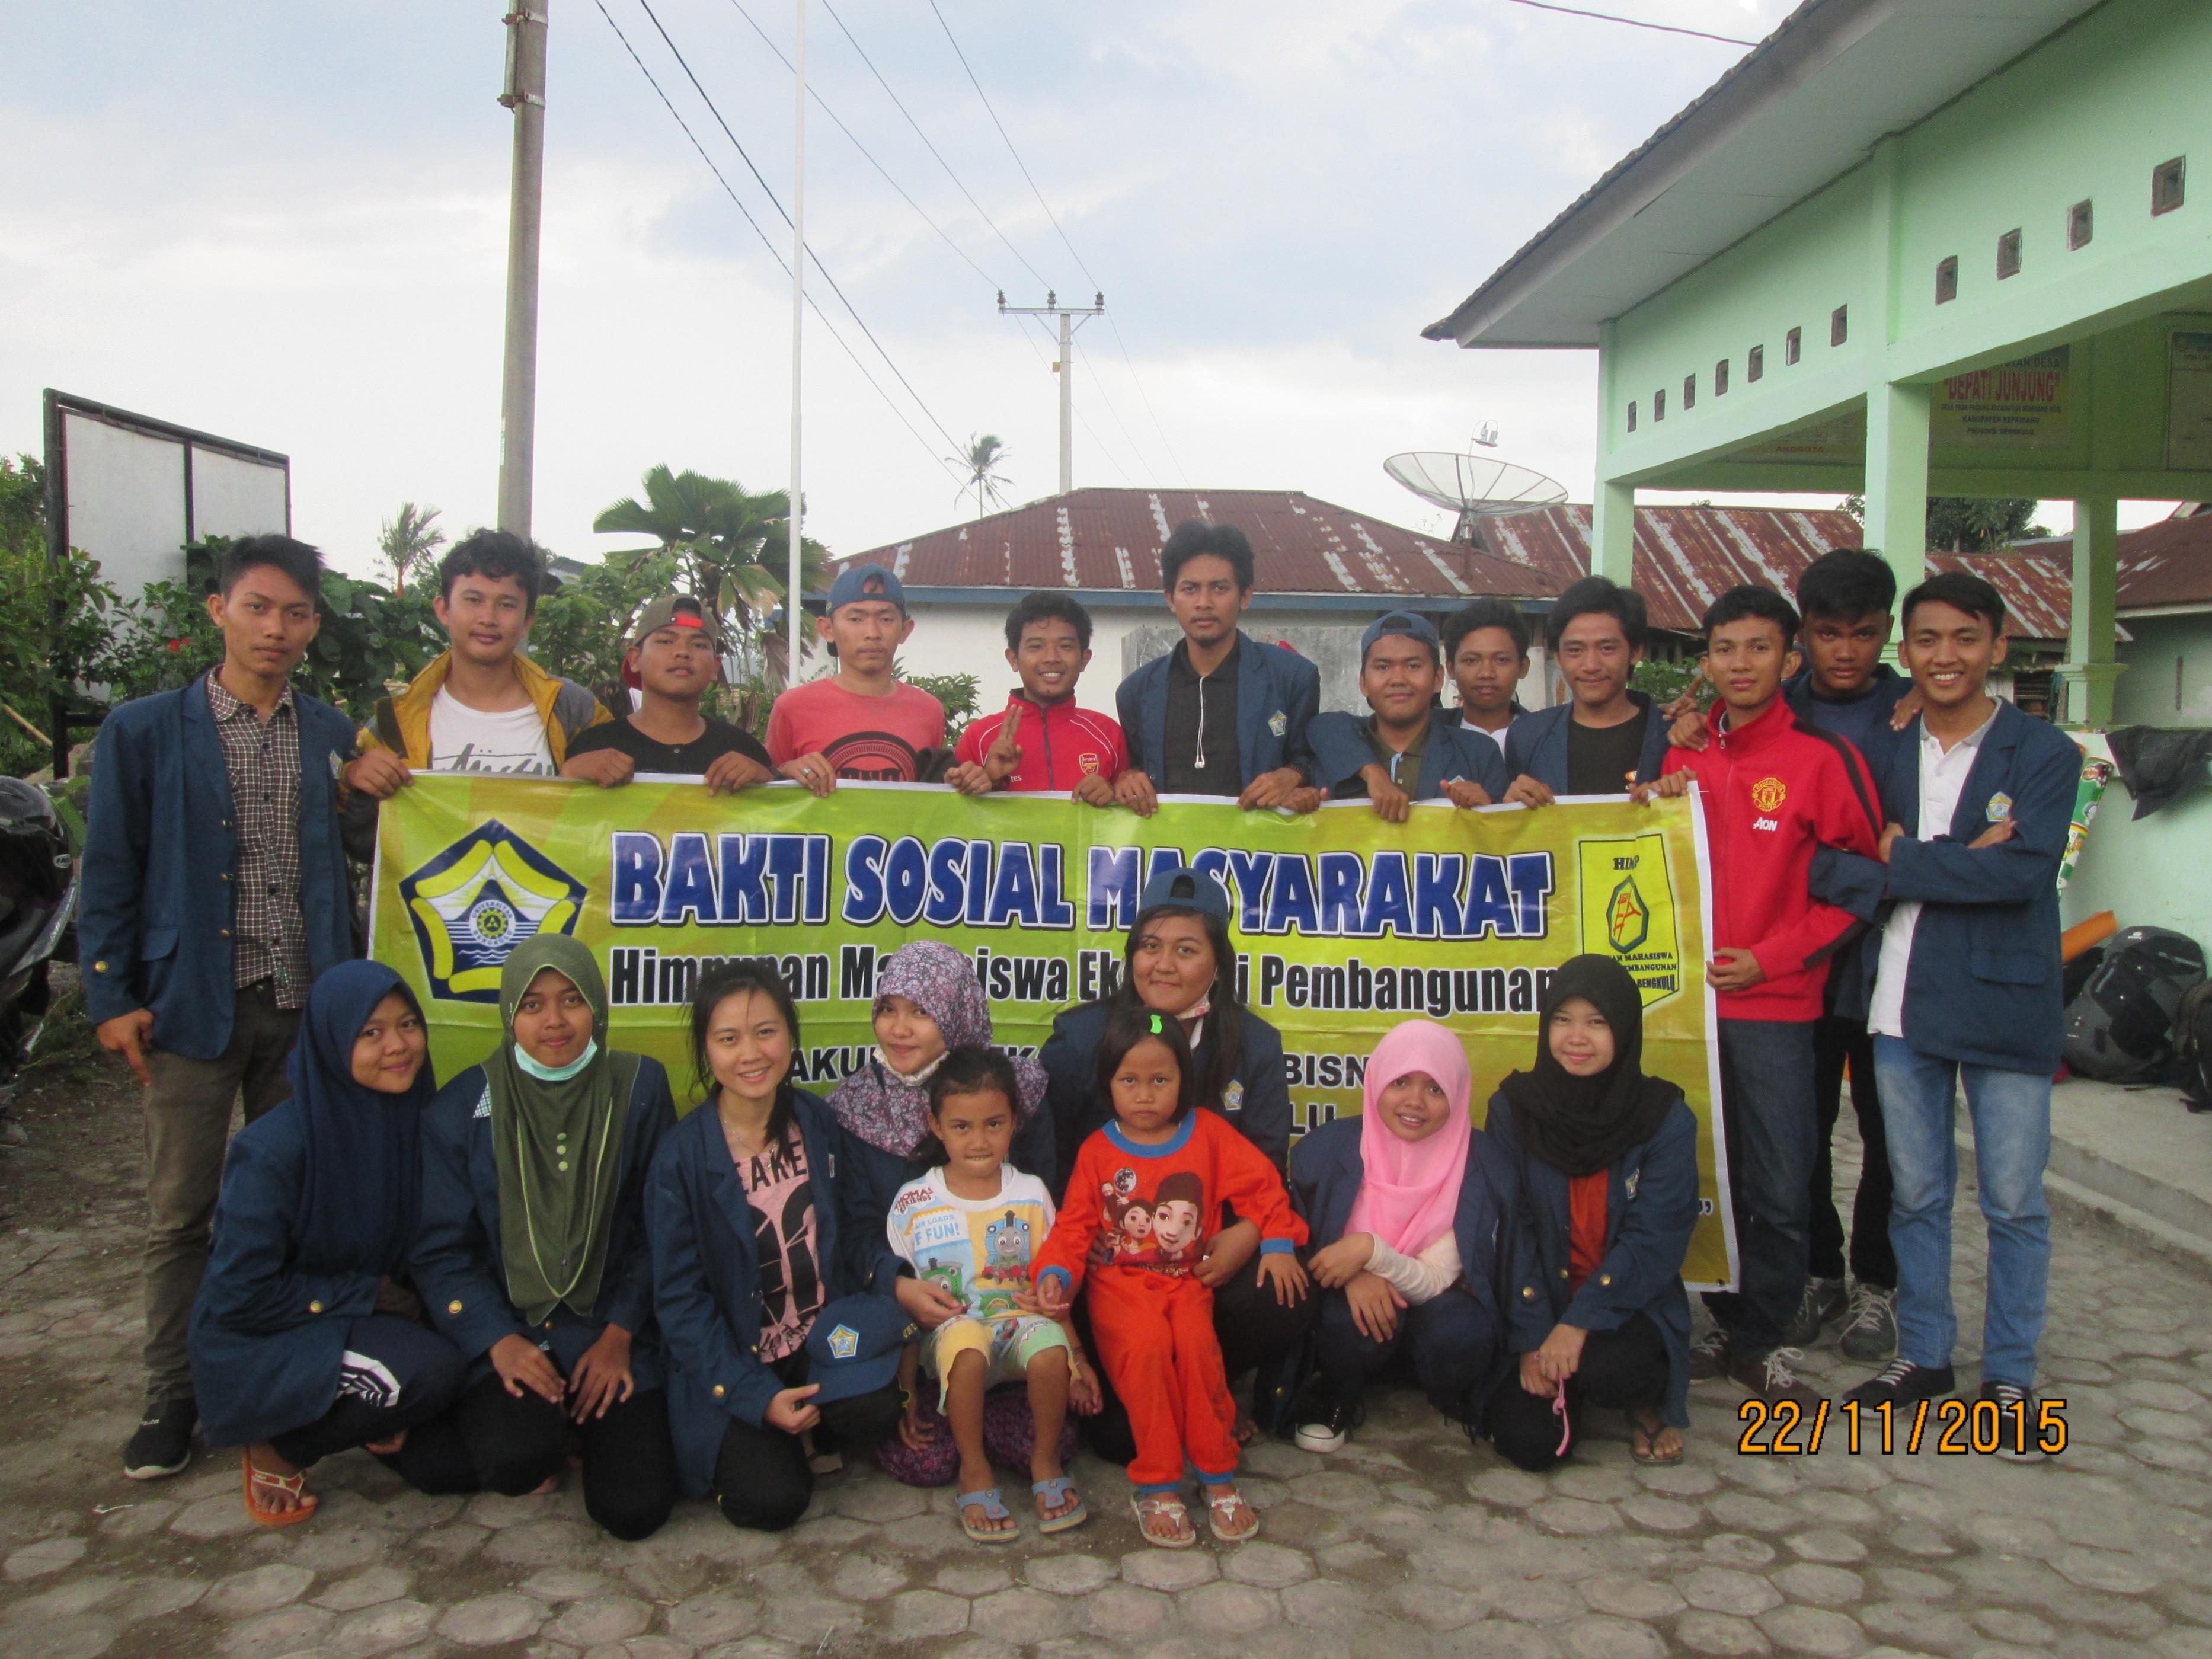 Bakti Sosial Mahasiswa (BSM) oleh Himpunan Mahasiswa Ekonomi Pembangunan